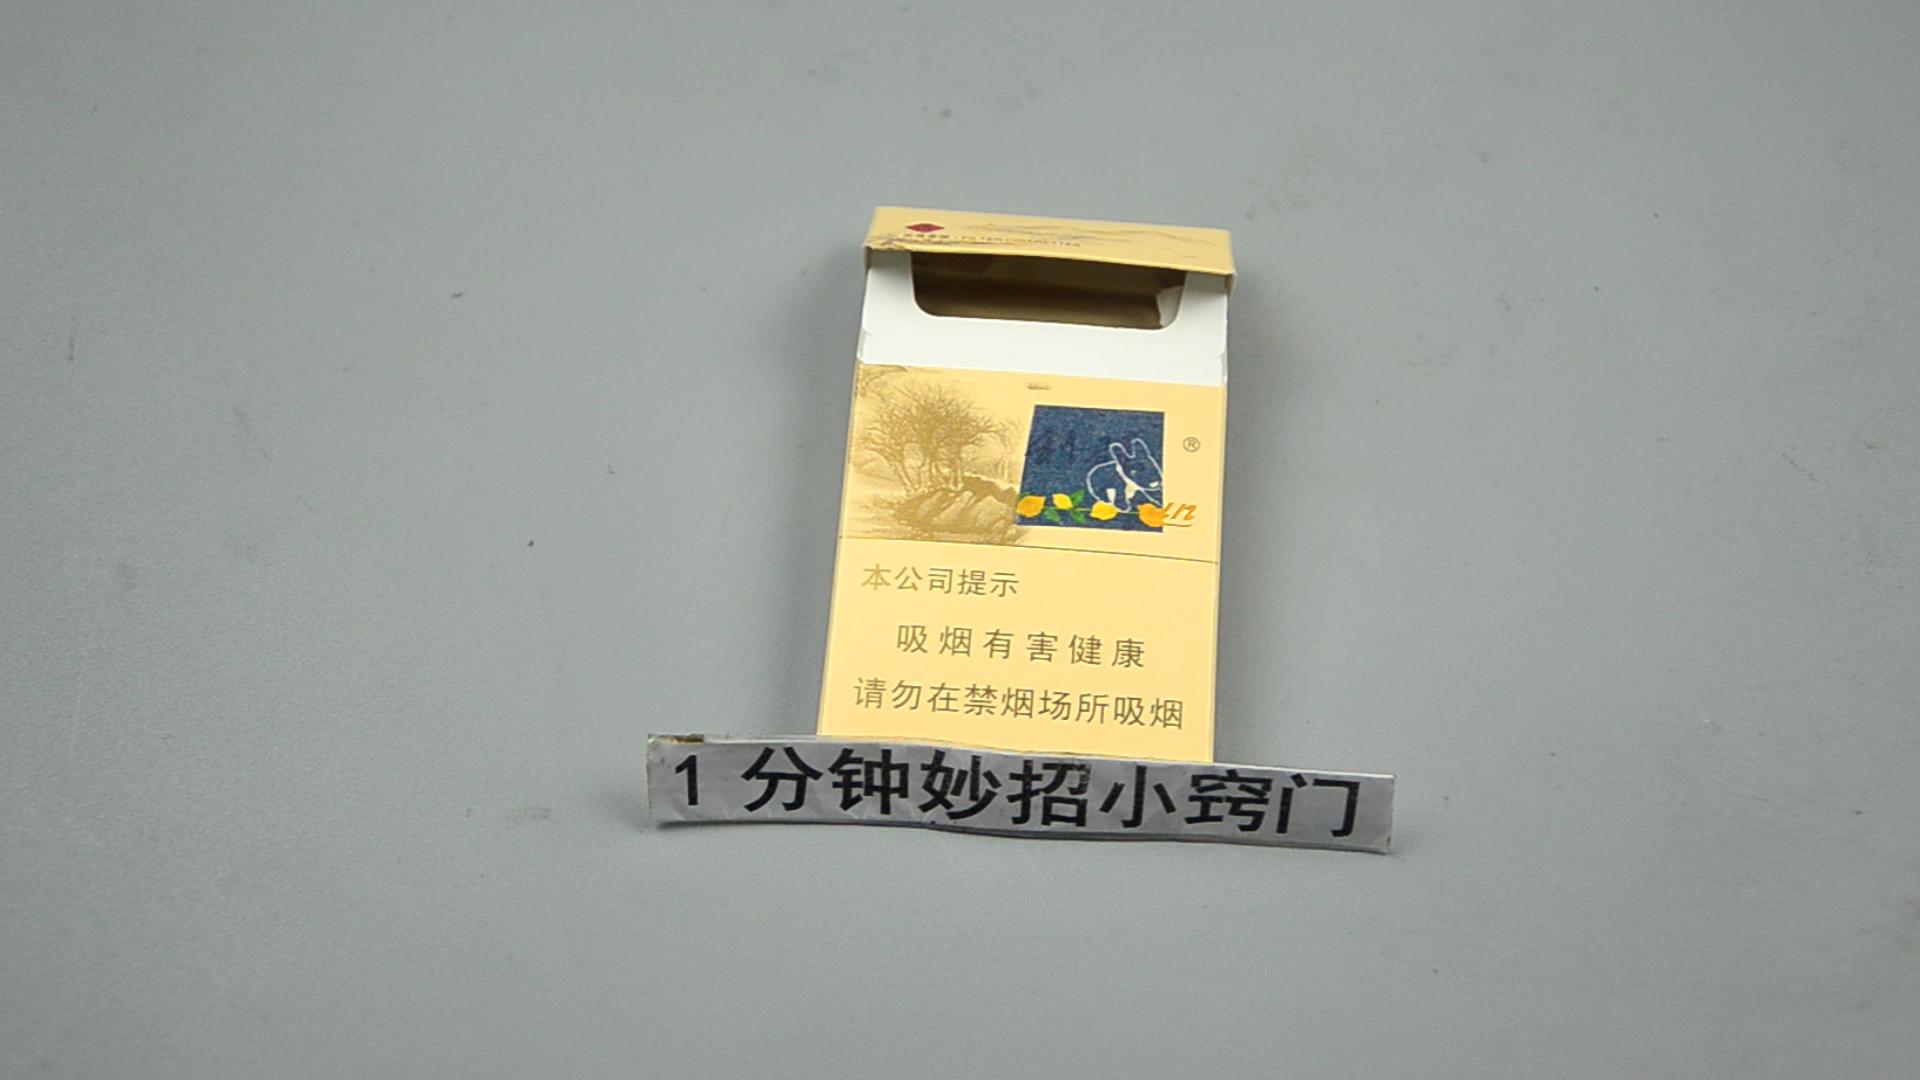 """空烟盒别再扔掉,里头藏着""""大宝贝"""",解决很多人的困扰,厉害了"""